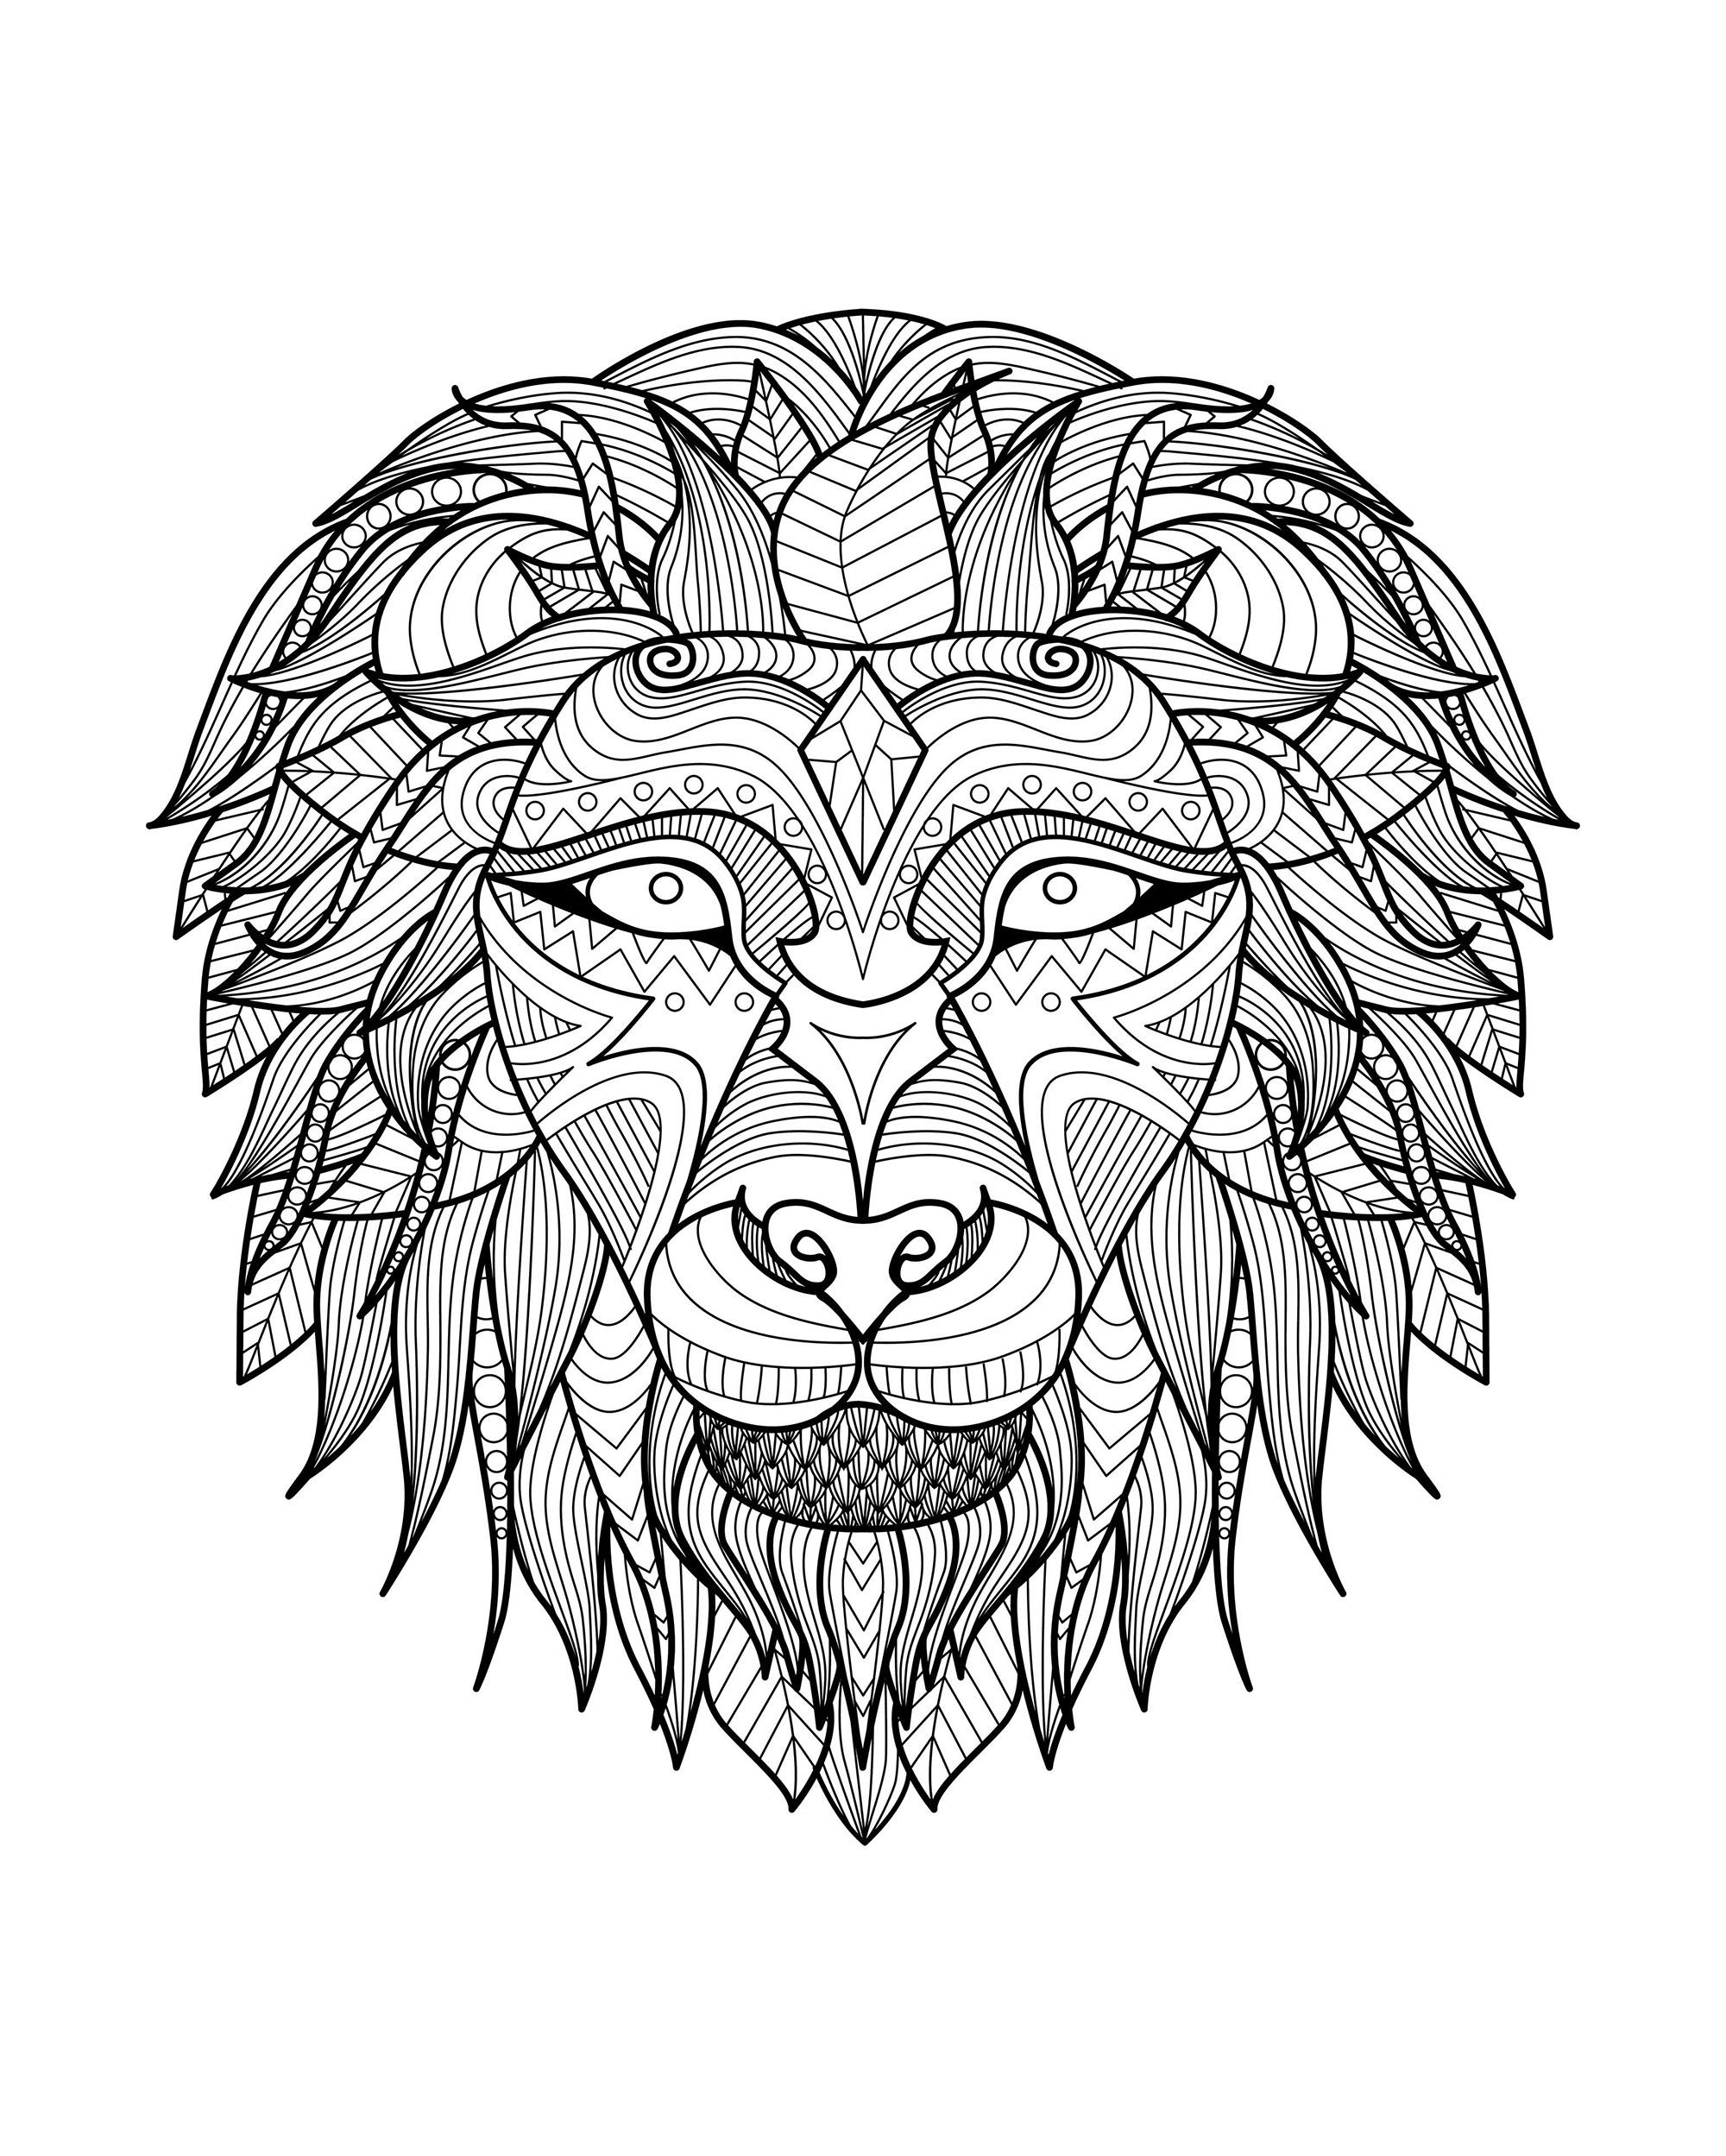 Disegni da colorare per adulti : Lions - 8